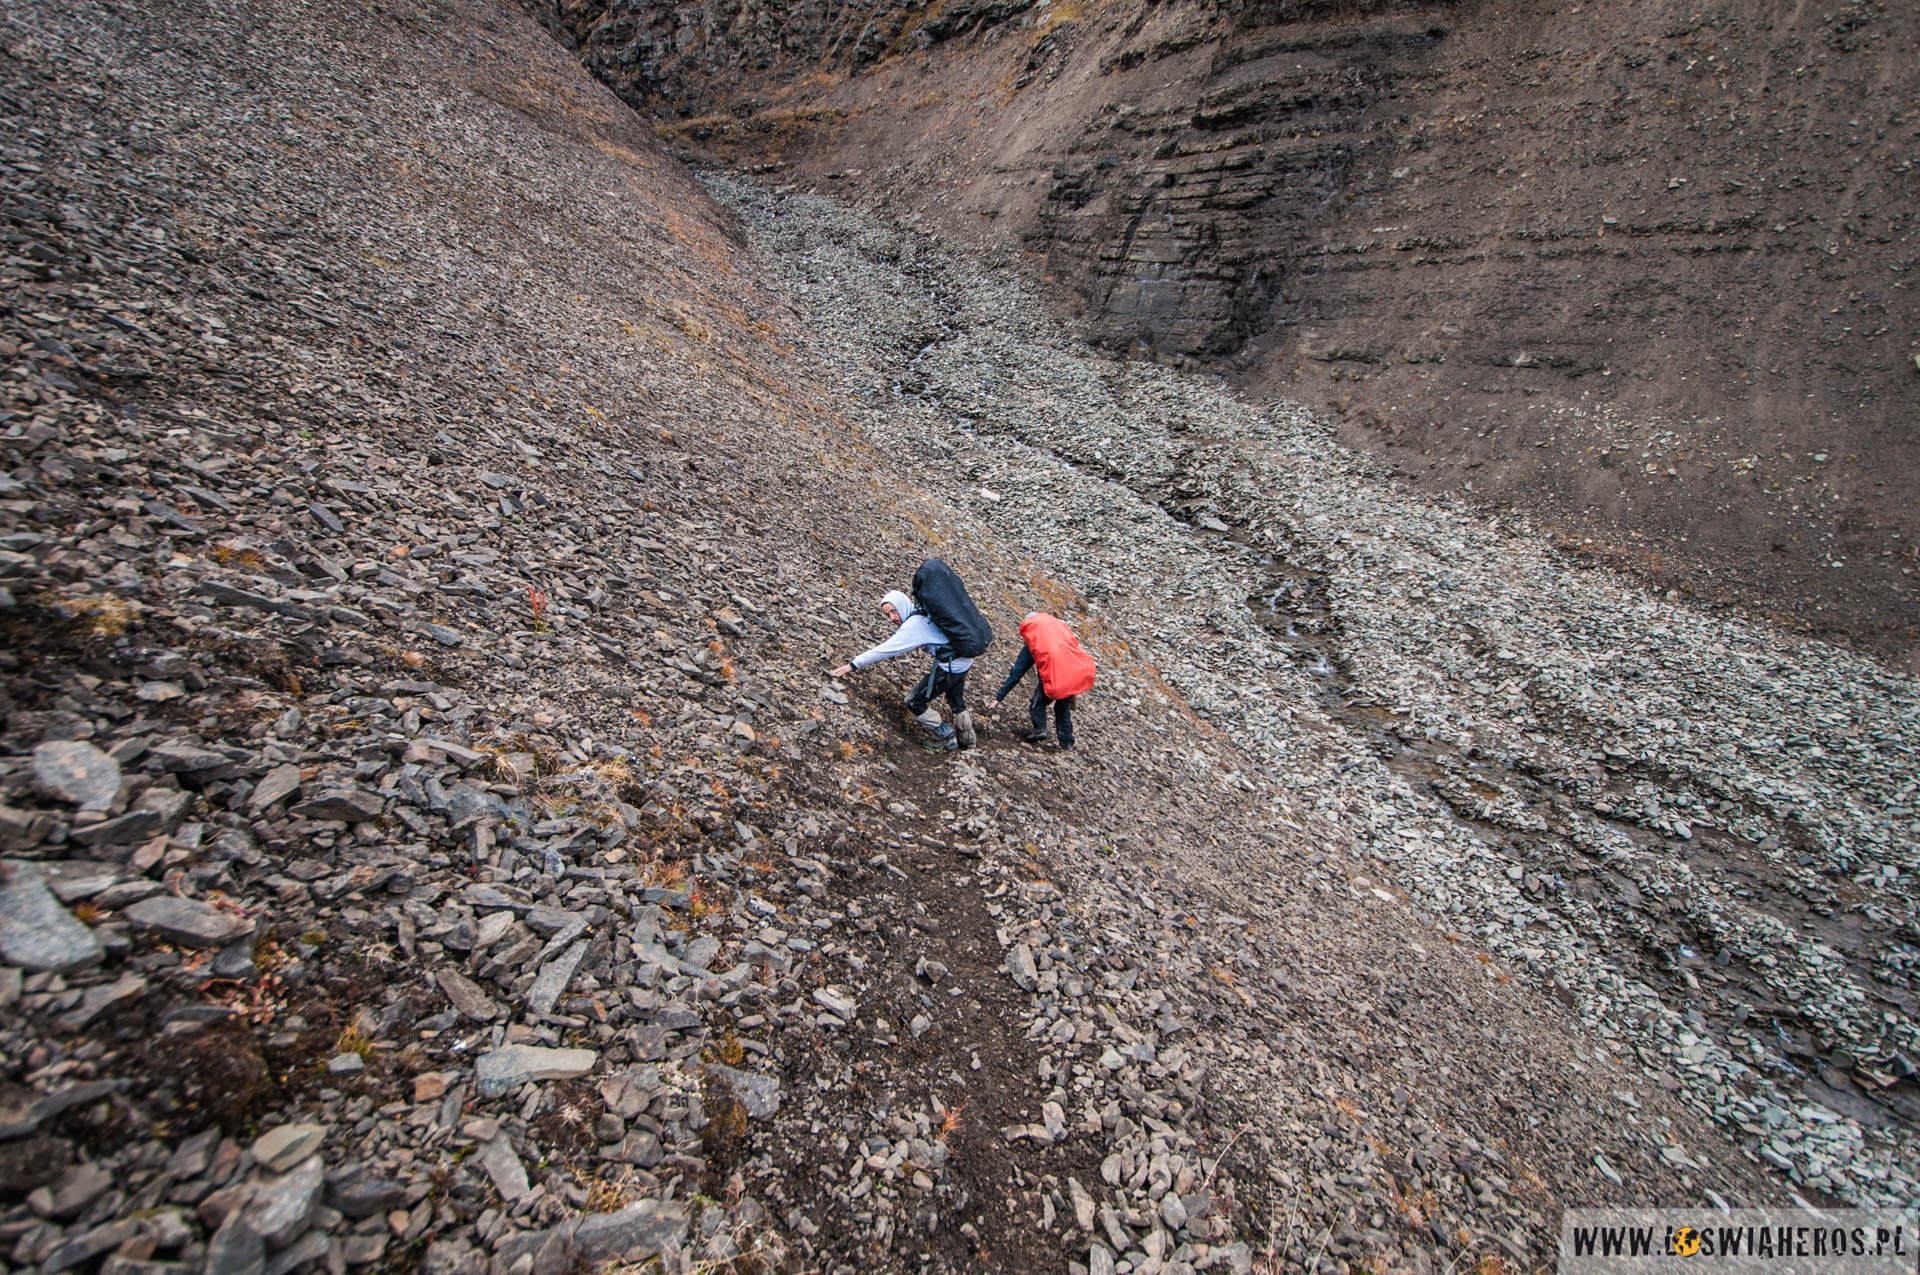 ... i choć to zdjęcie nie oddaje powagi sytuacji, to wiele razy zastanawialiśmy się jak iść dalej. Mapa i owszem, przydawała się, ale na Spitsbergenie teren zmienia się dość szybko i stare szlaki czasem warto opuścić i znaleźć wygodniejsze ścieżki.